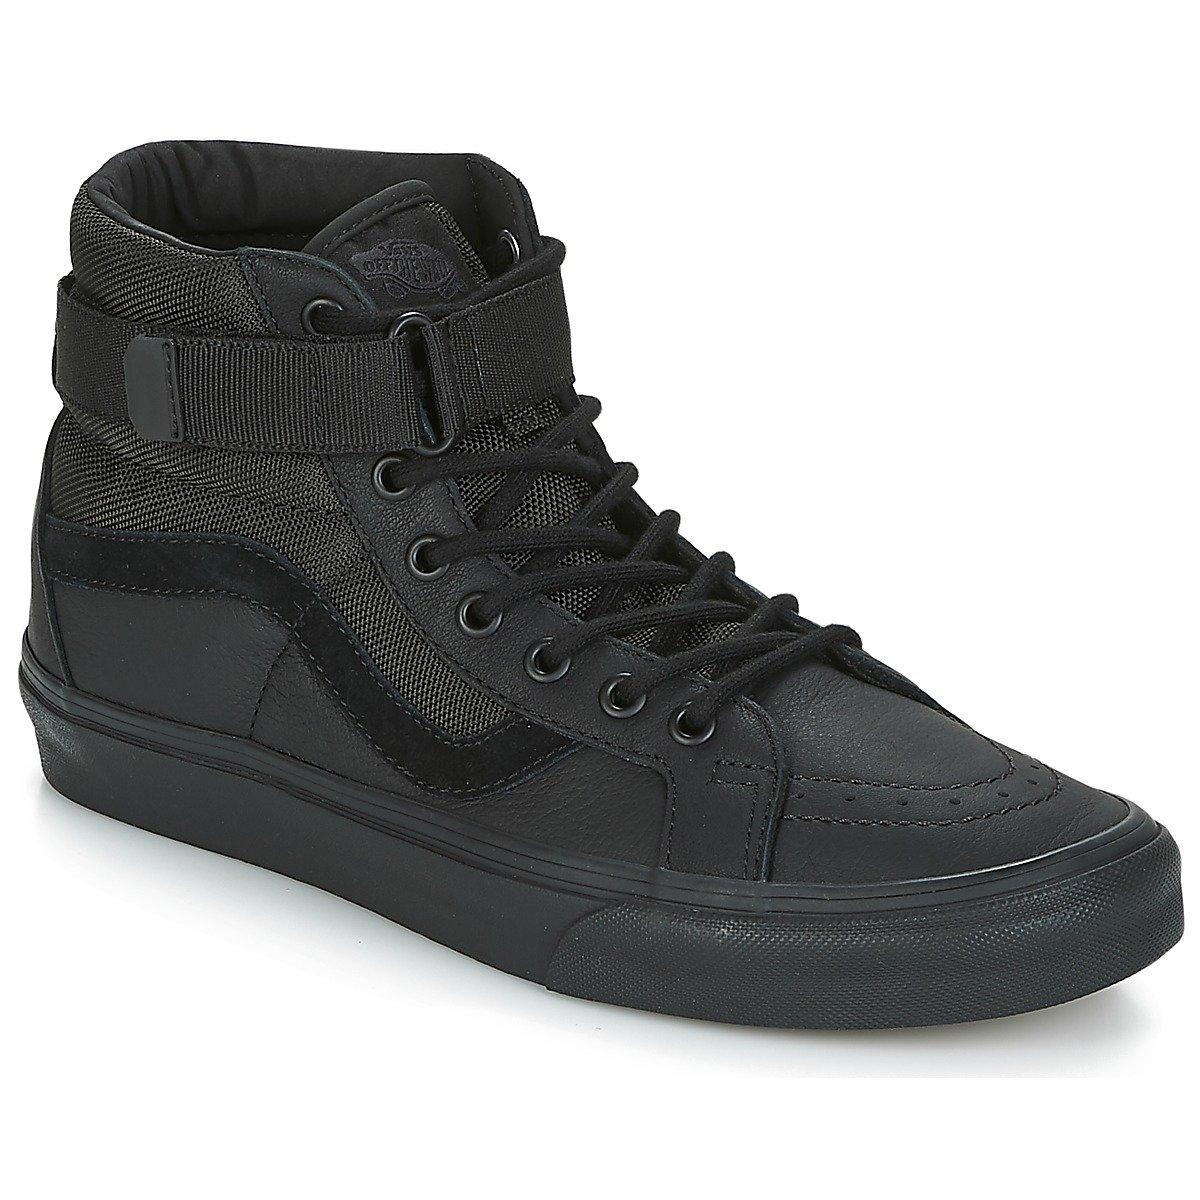 - Vans - Trainers - UA SK8-Hi Reissue Strap - Ballistic Black (43 EU)